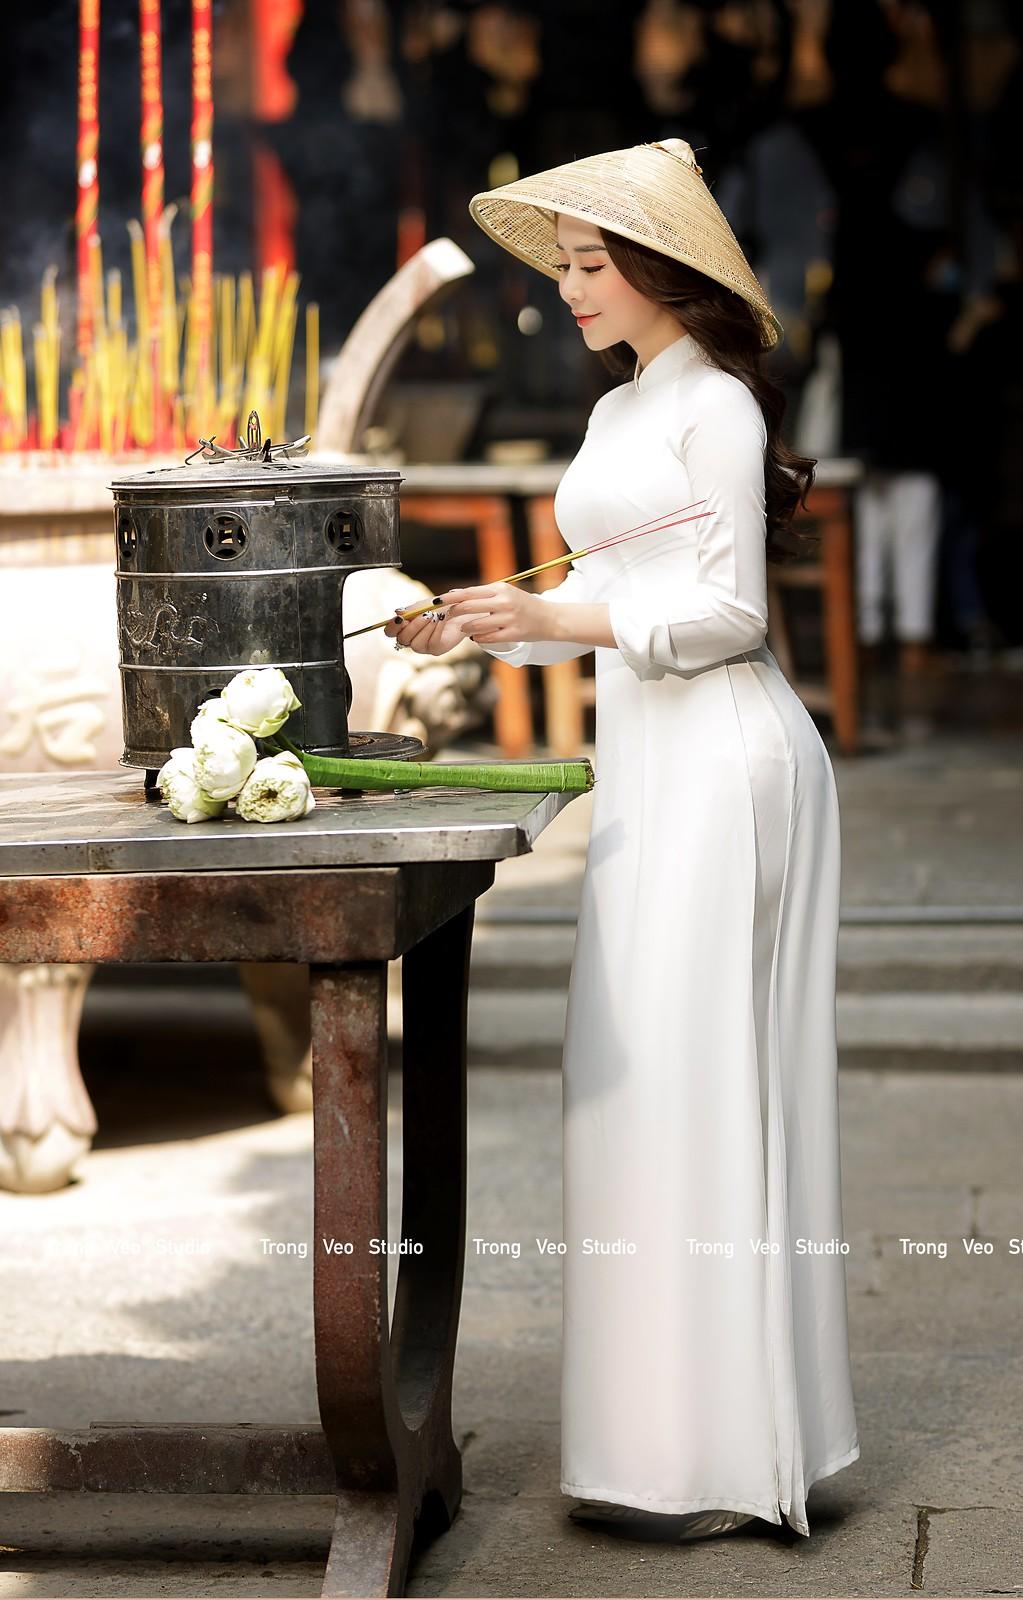 Ngắm hot girl Lục Anh xinh đẹp như hoa không sao tả xiết trong tà áo dài truyền thống - 23